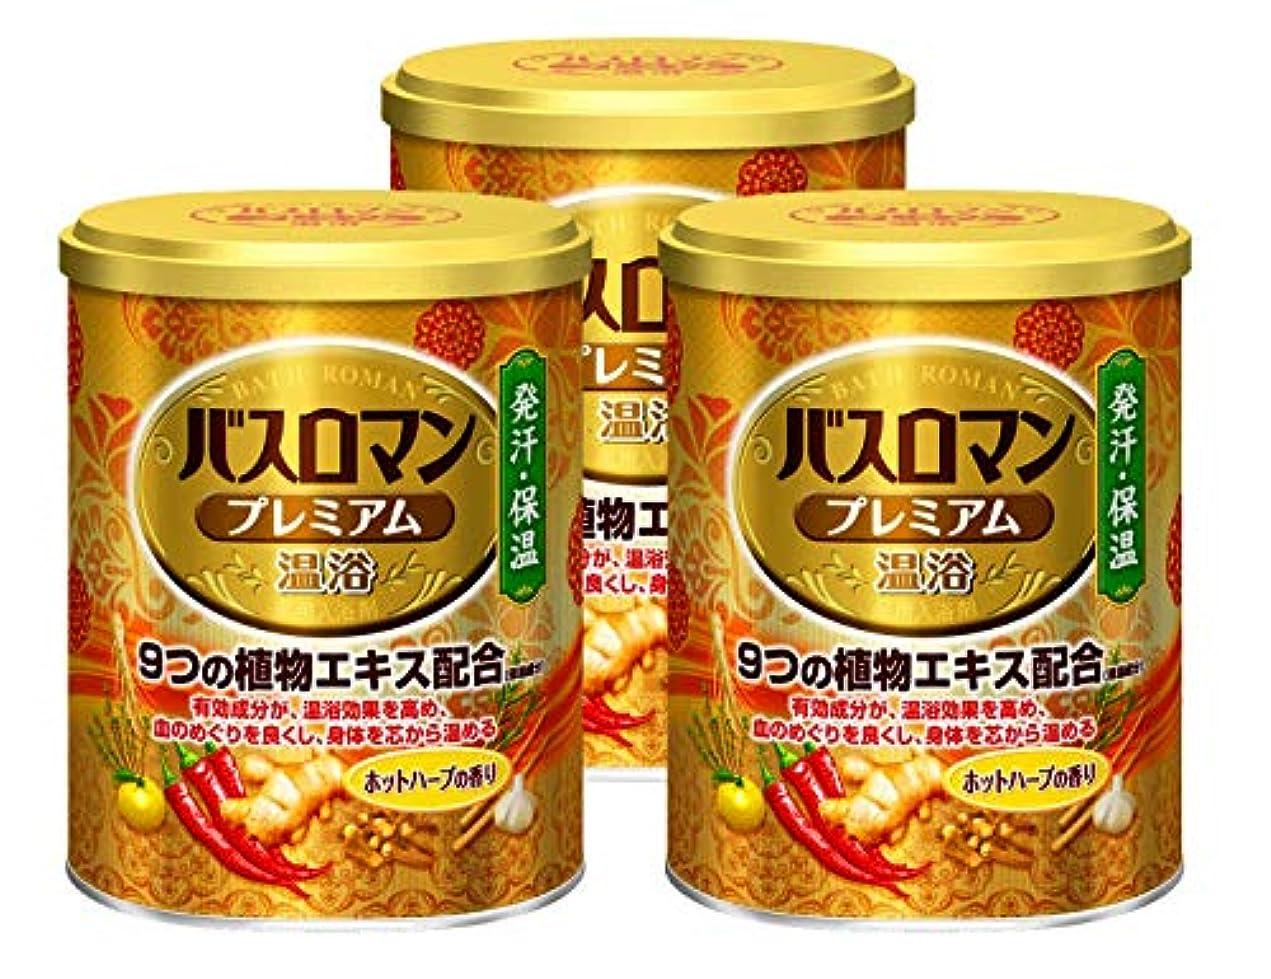 【まとめ買い3缶セット】アース製薬 『バスロマン』 プレミアム温浴 9つの植物エキス配合(680g)× 3